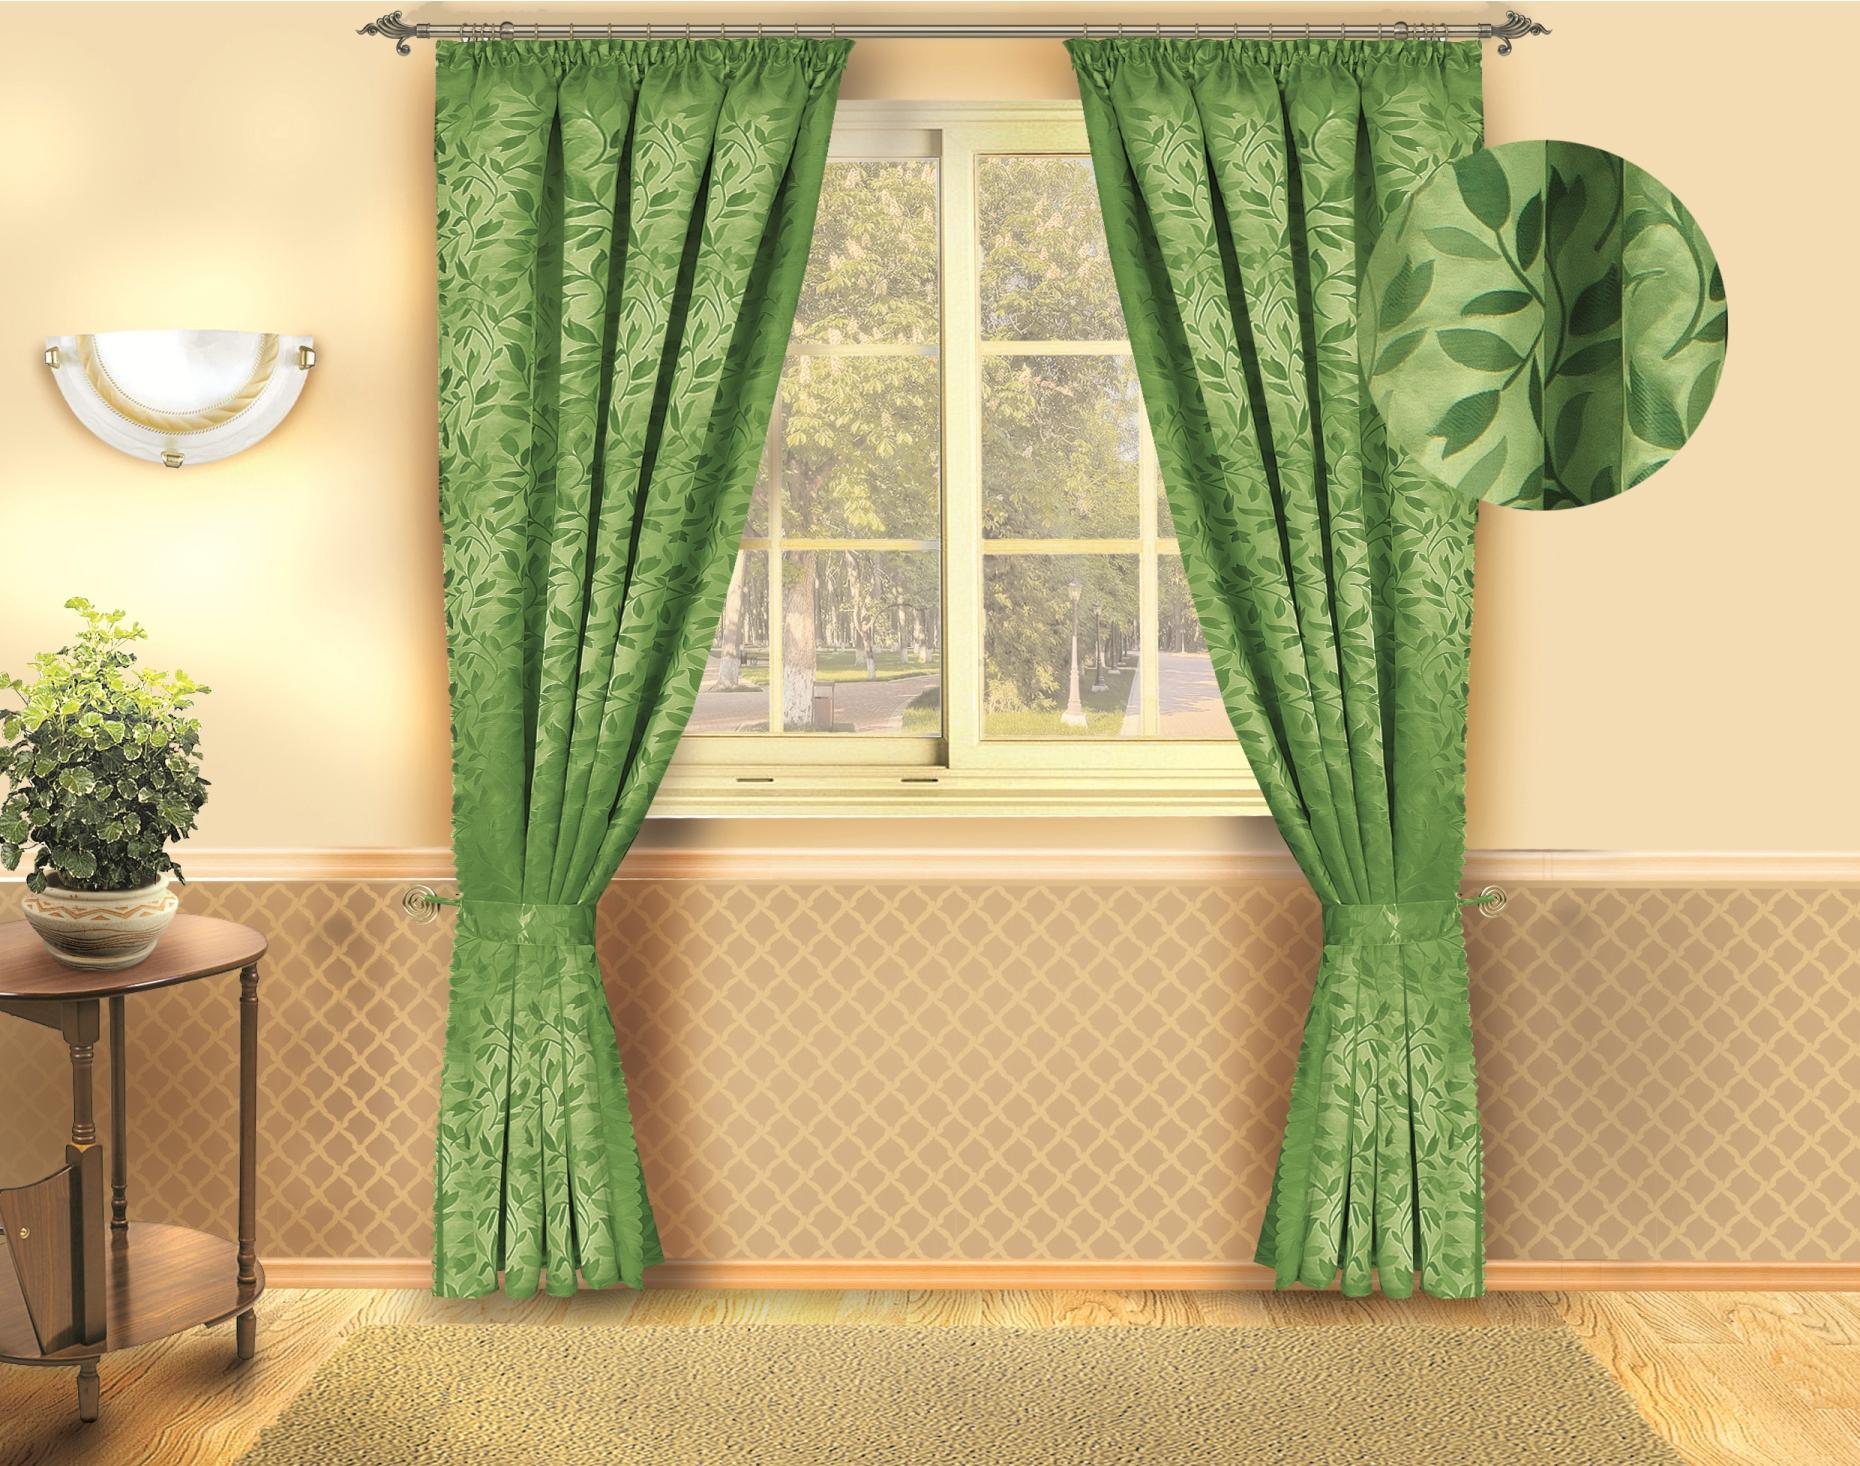 Комплект штор Zlata Korunka, цвет: зеленый, высота 250 см. Б132Б132зеленыйРоскошный комплект штор Zlata Korunka, выполненный из полиэстера, великолепно украсит любое окно. Комплект состоит из двух штор. Изящный растительный рисунок и приятная цветовая гамма привлекут к себе внимание и органично впишутся в интерьер помещения.Этот комплект будет долгое время радовать вас и вашу семью!В комплект входит: Штора: 2 шт. Размер (Ш х В): 140 см х 250 см.